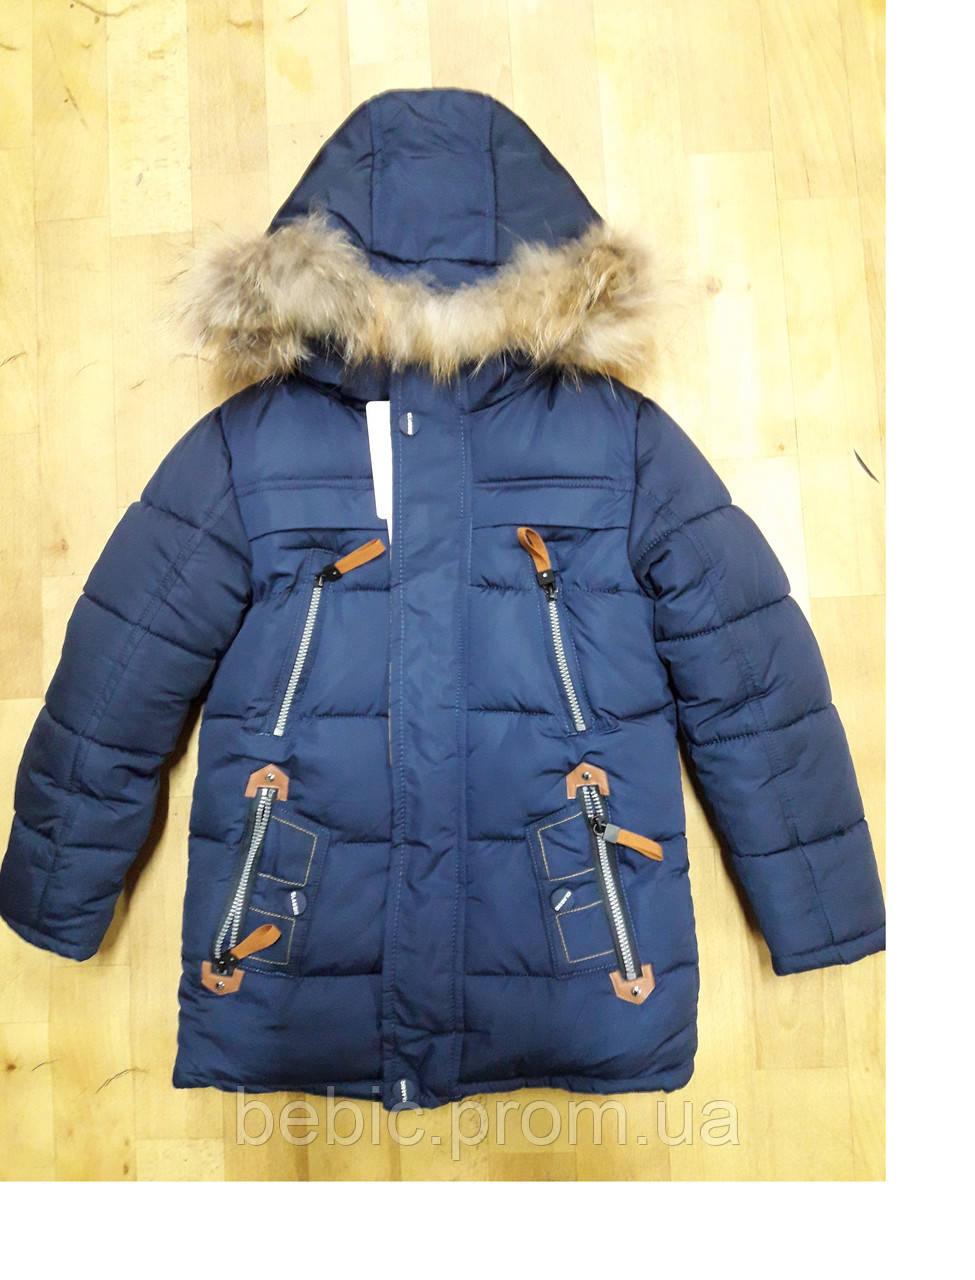 Куртка детская зимняя Рост:116-128см